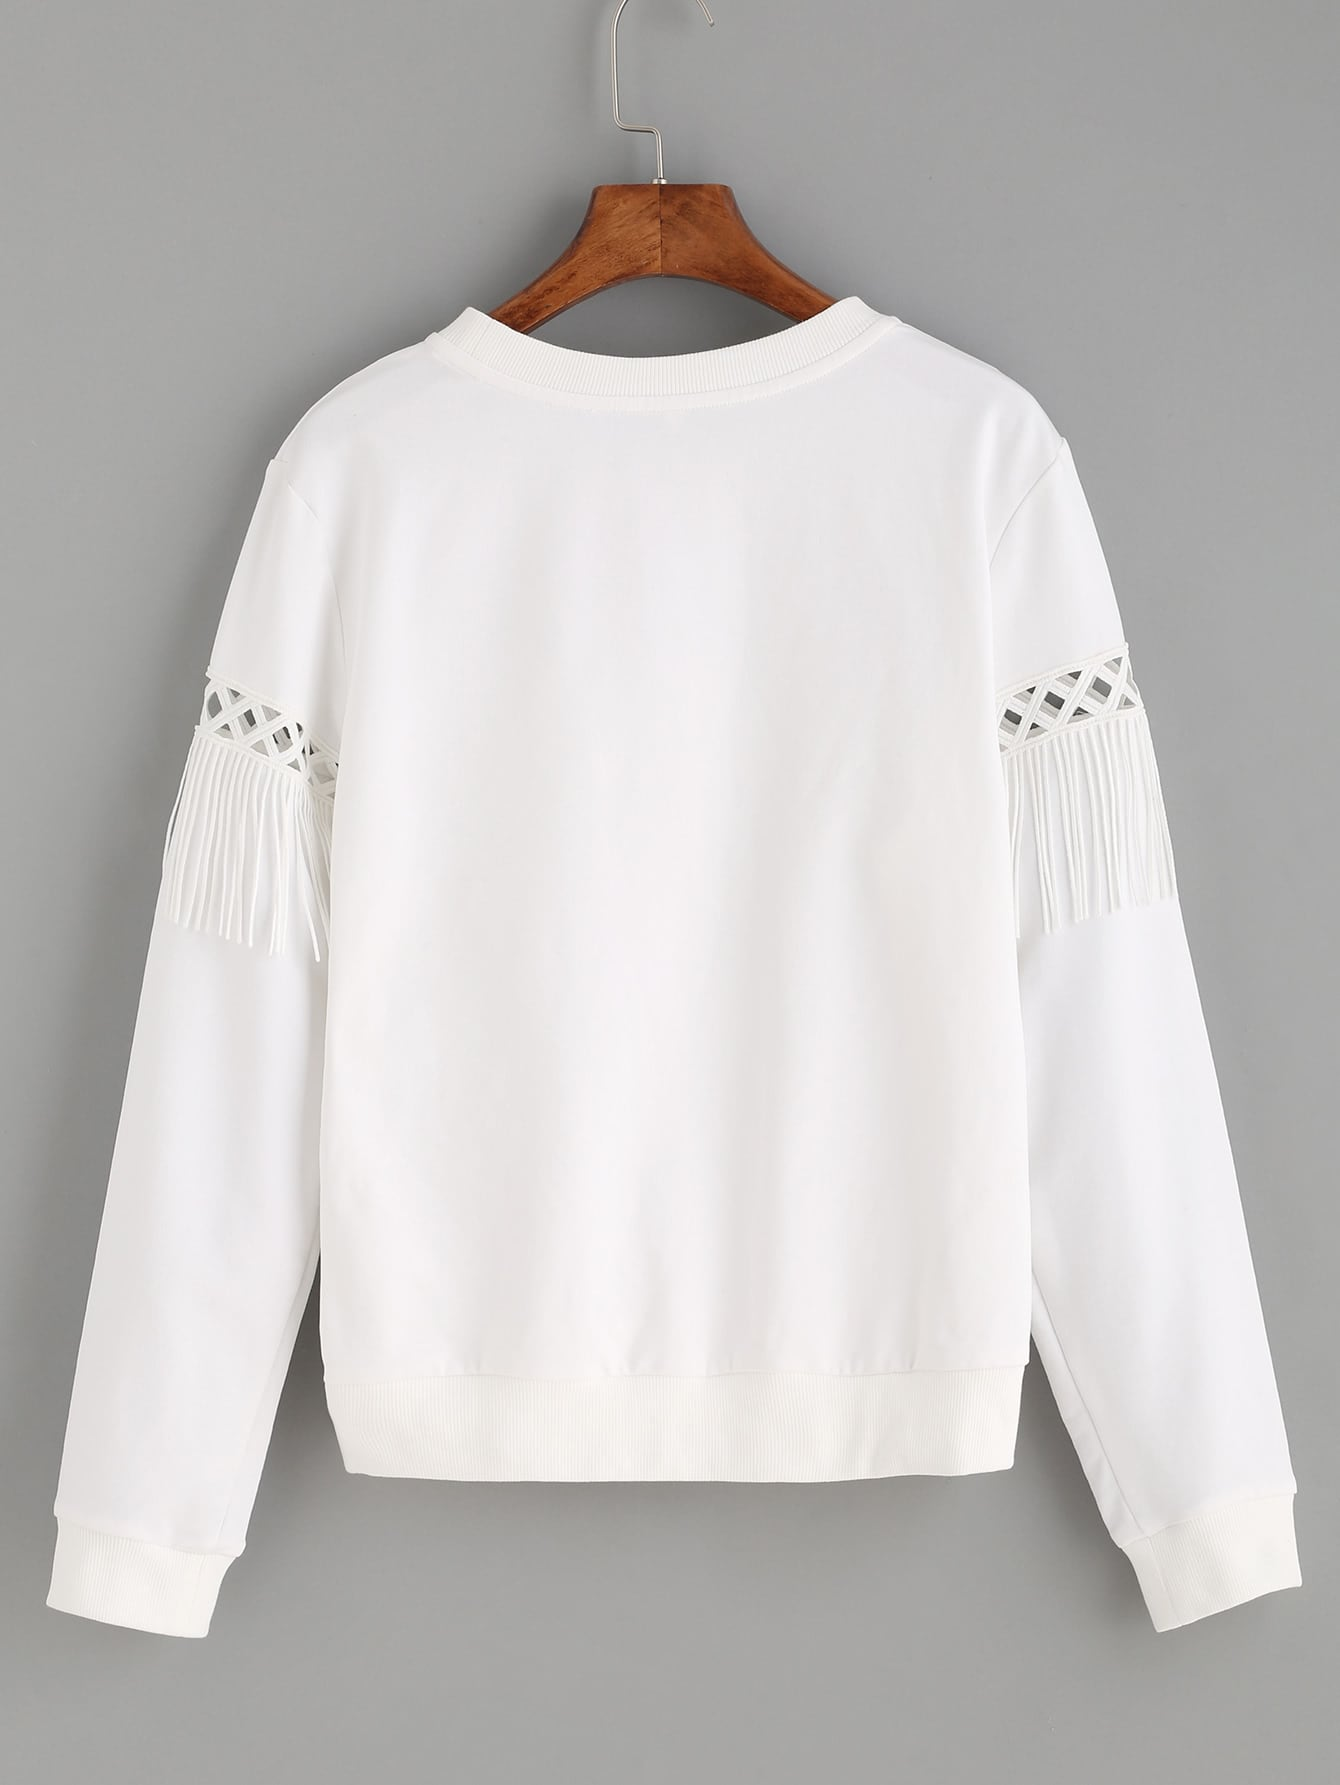 sweatshirt160808522_2